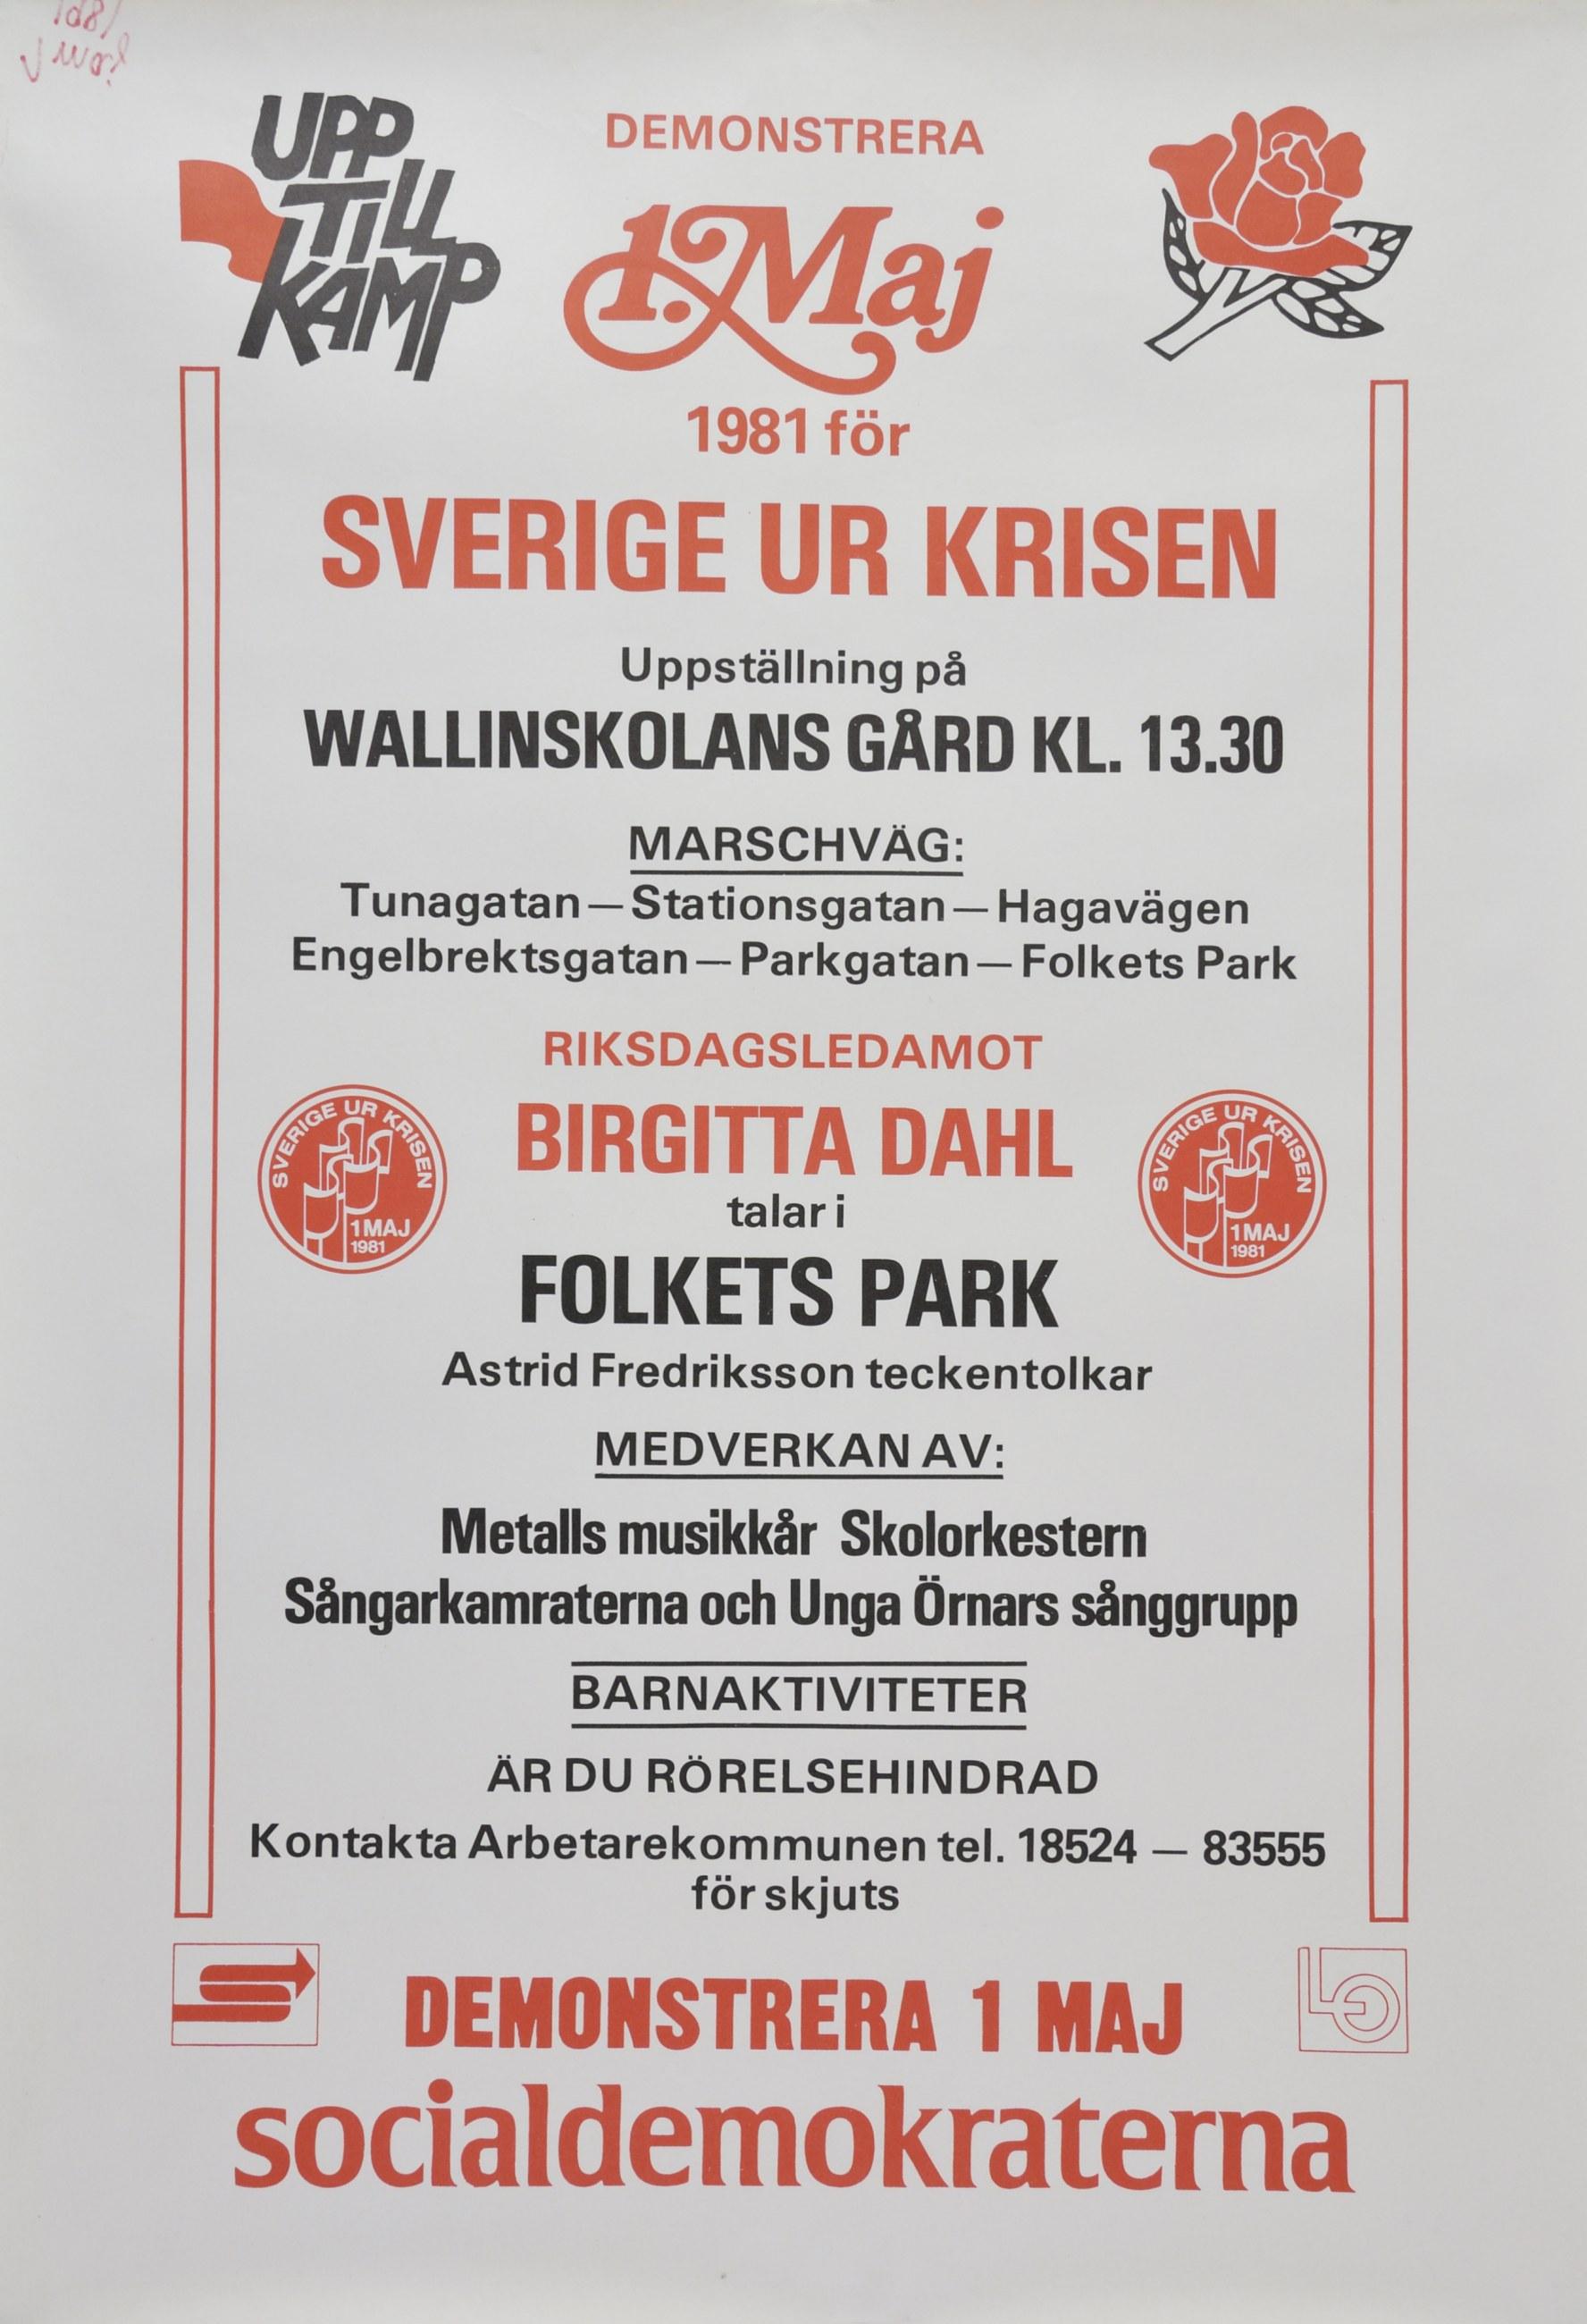 1 maj affisch 1981 från Socialdemokraterna